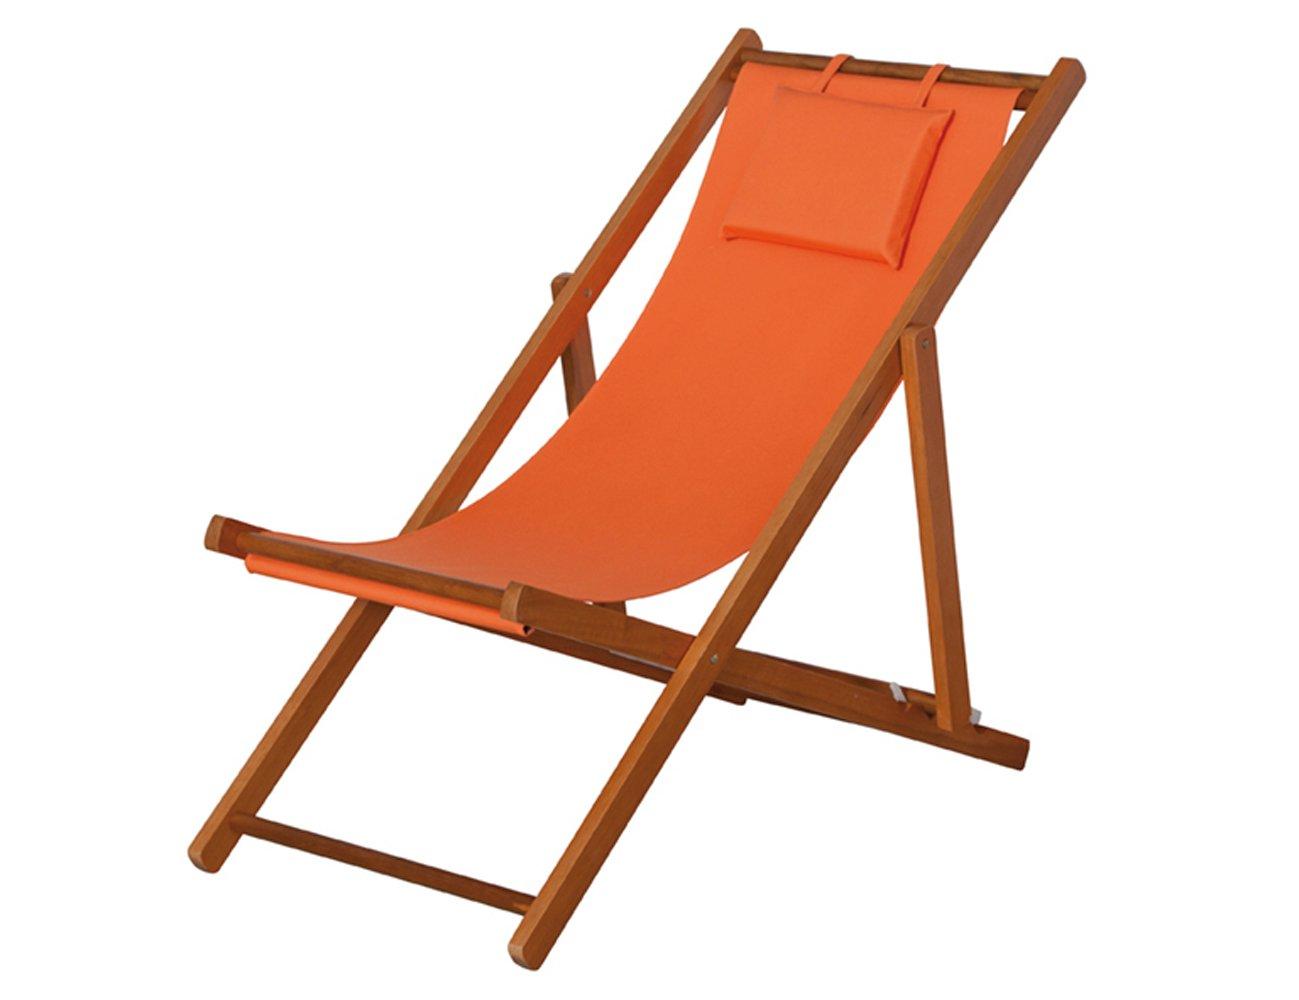 Siena Garden 672582 Liegestuhl Faro Hartholz-Gestell Stoffbezug orange Rücken mehrfach verstellbar